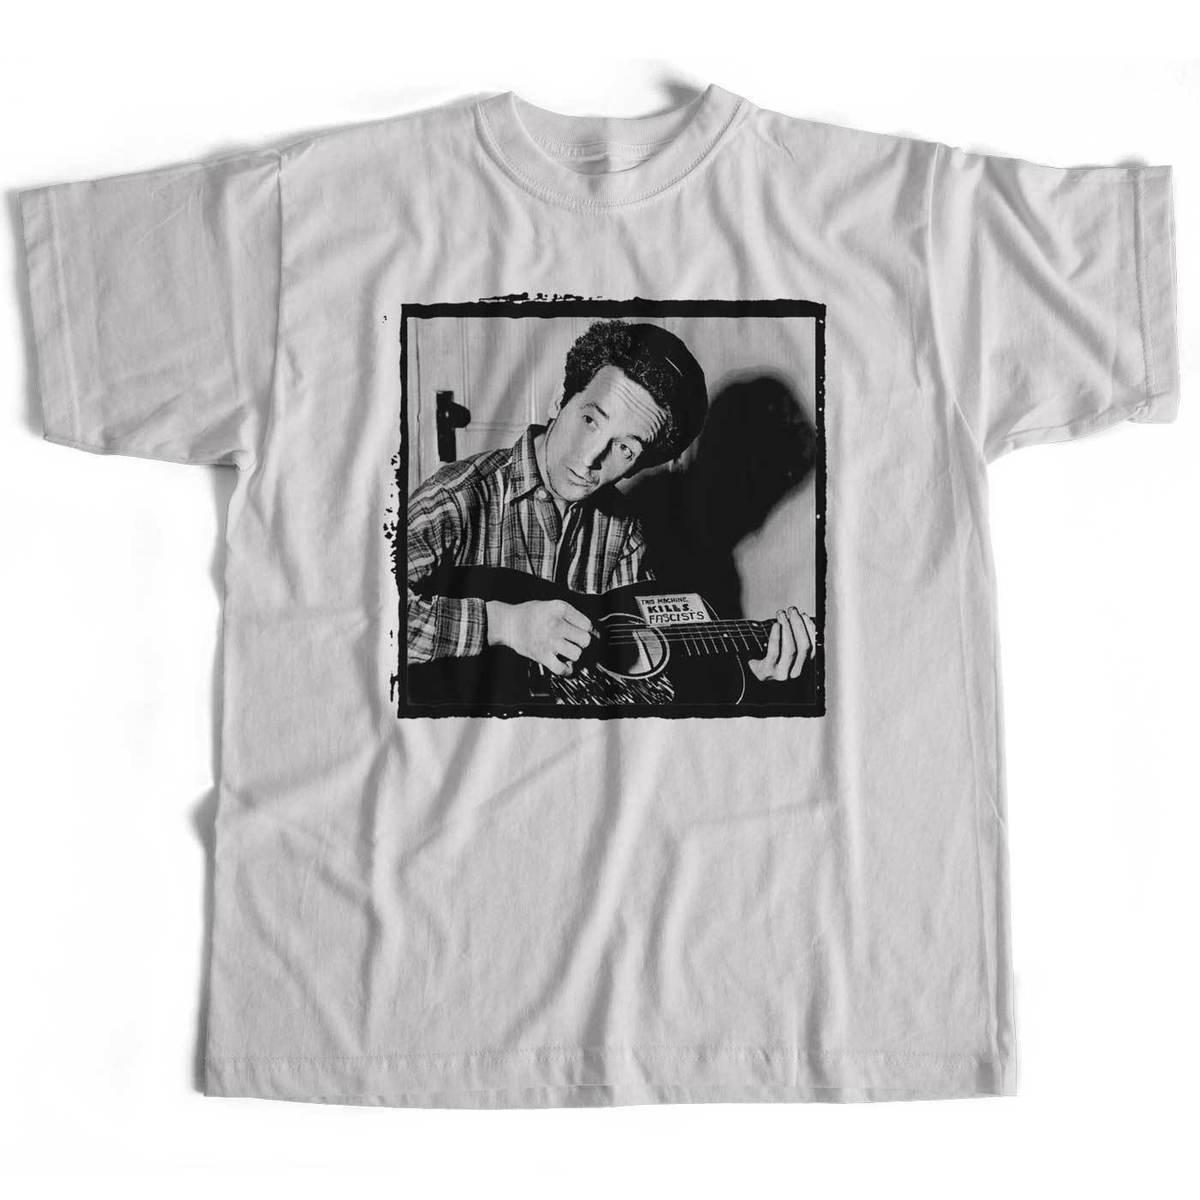 50a8c064fdd8a Compre Old Skool Hooligans Woody Guthrie Camiseta Esta Máquina Mata A Los  Fascistas Foto Luz 100% Algodón Moda Camisetas Camiseta A  14.67 Del  Linnan005 ...